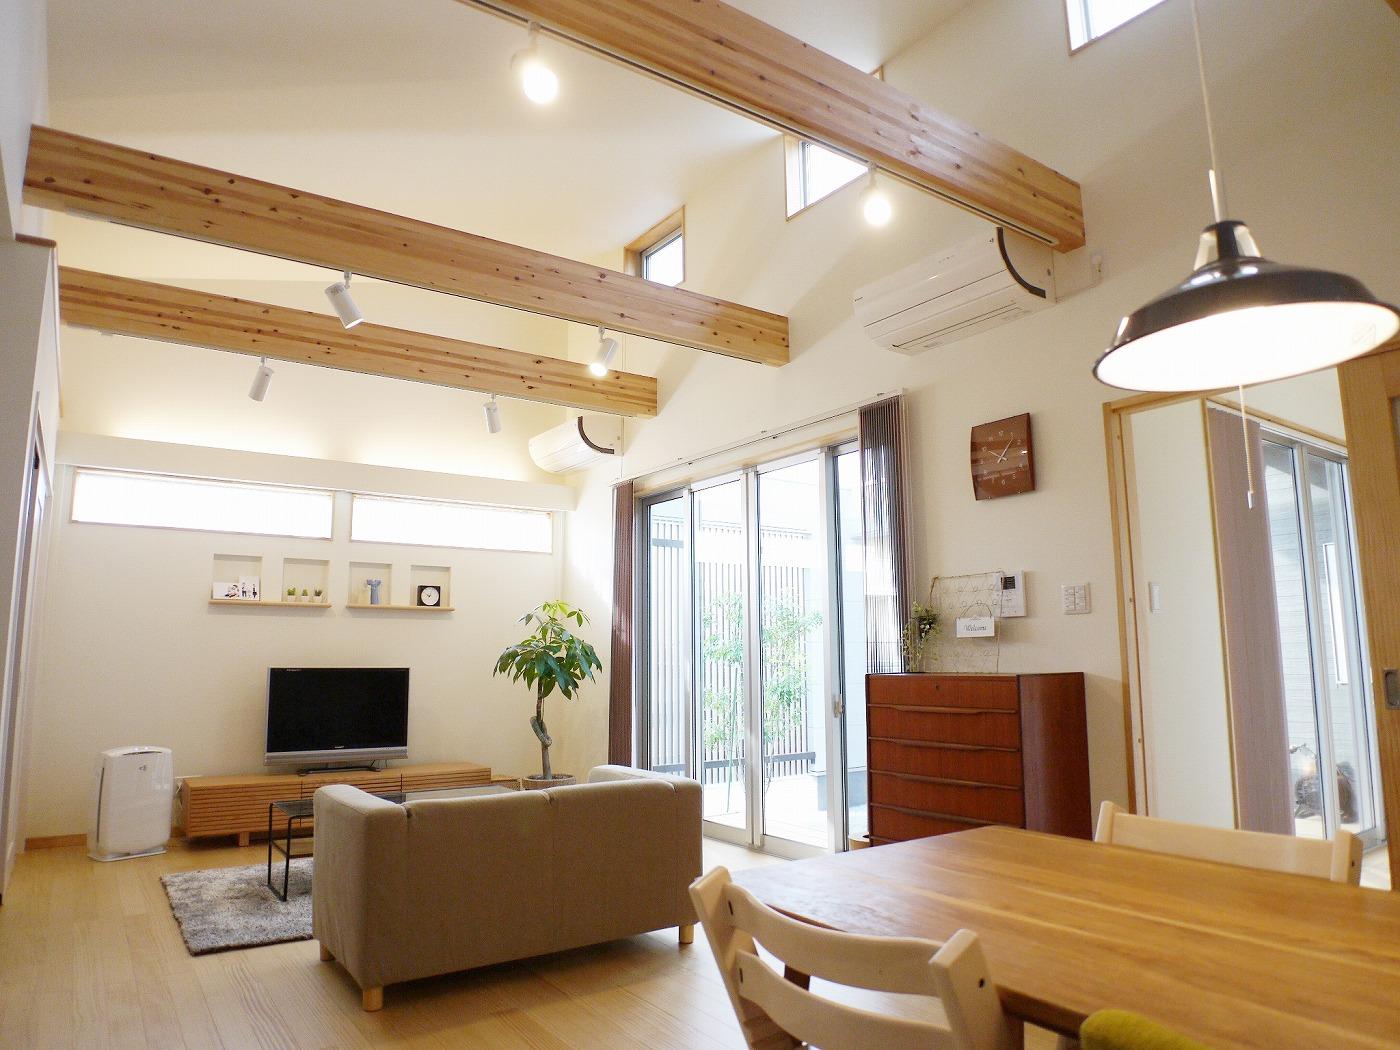 高松市の新築注文住宅のリビング